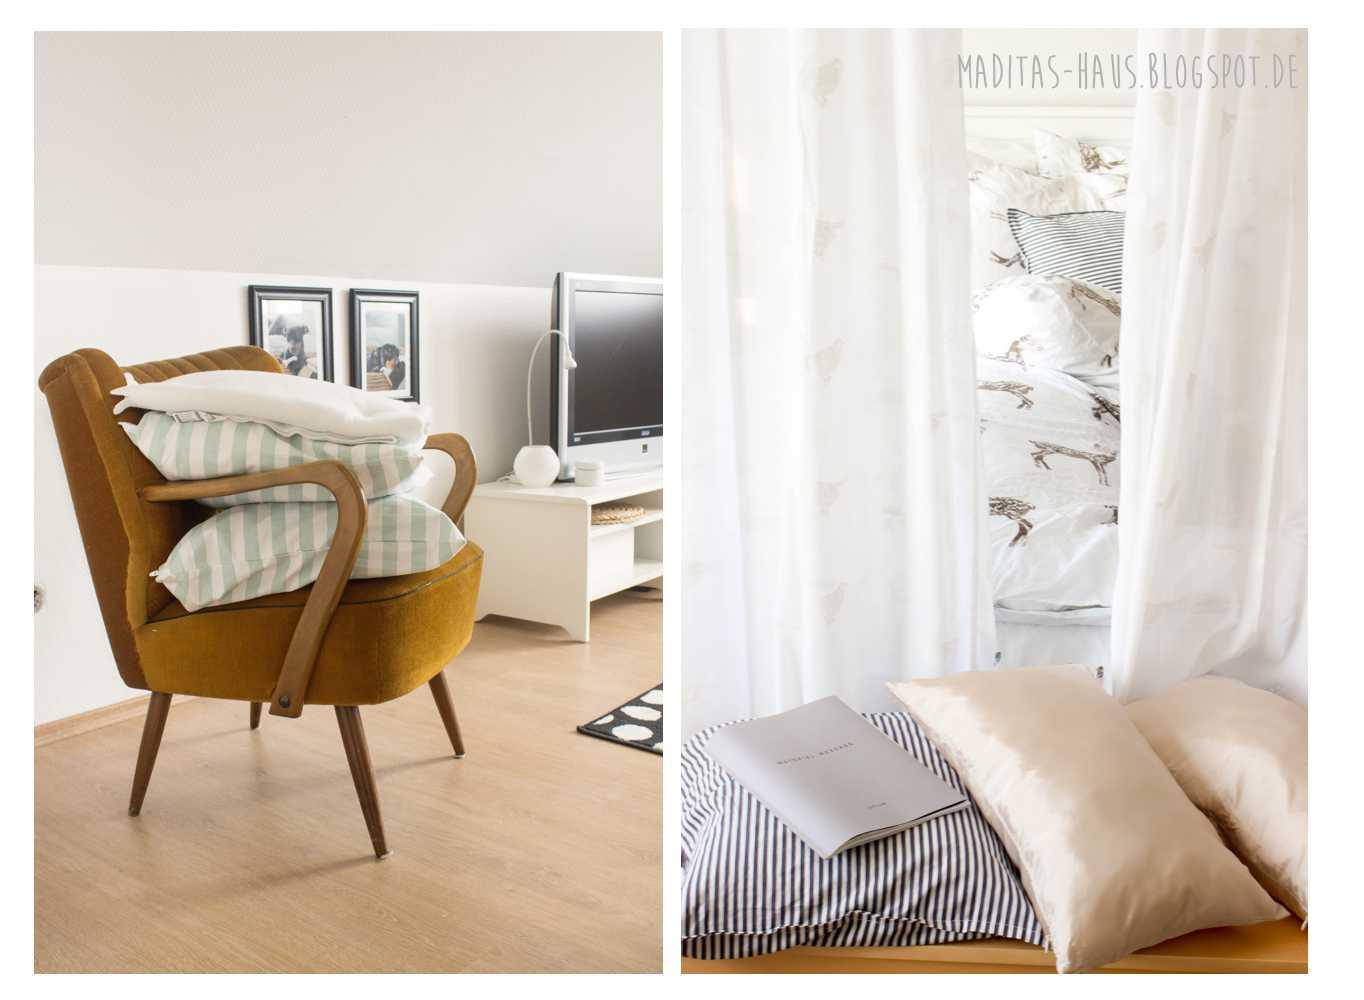 umstyling ganz einfach maditas haus lifestyle und. Black Bedroom Furniture Sets. Home Design Ideas